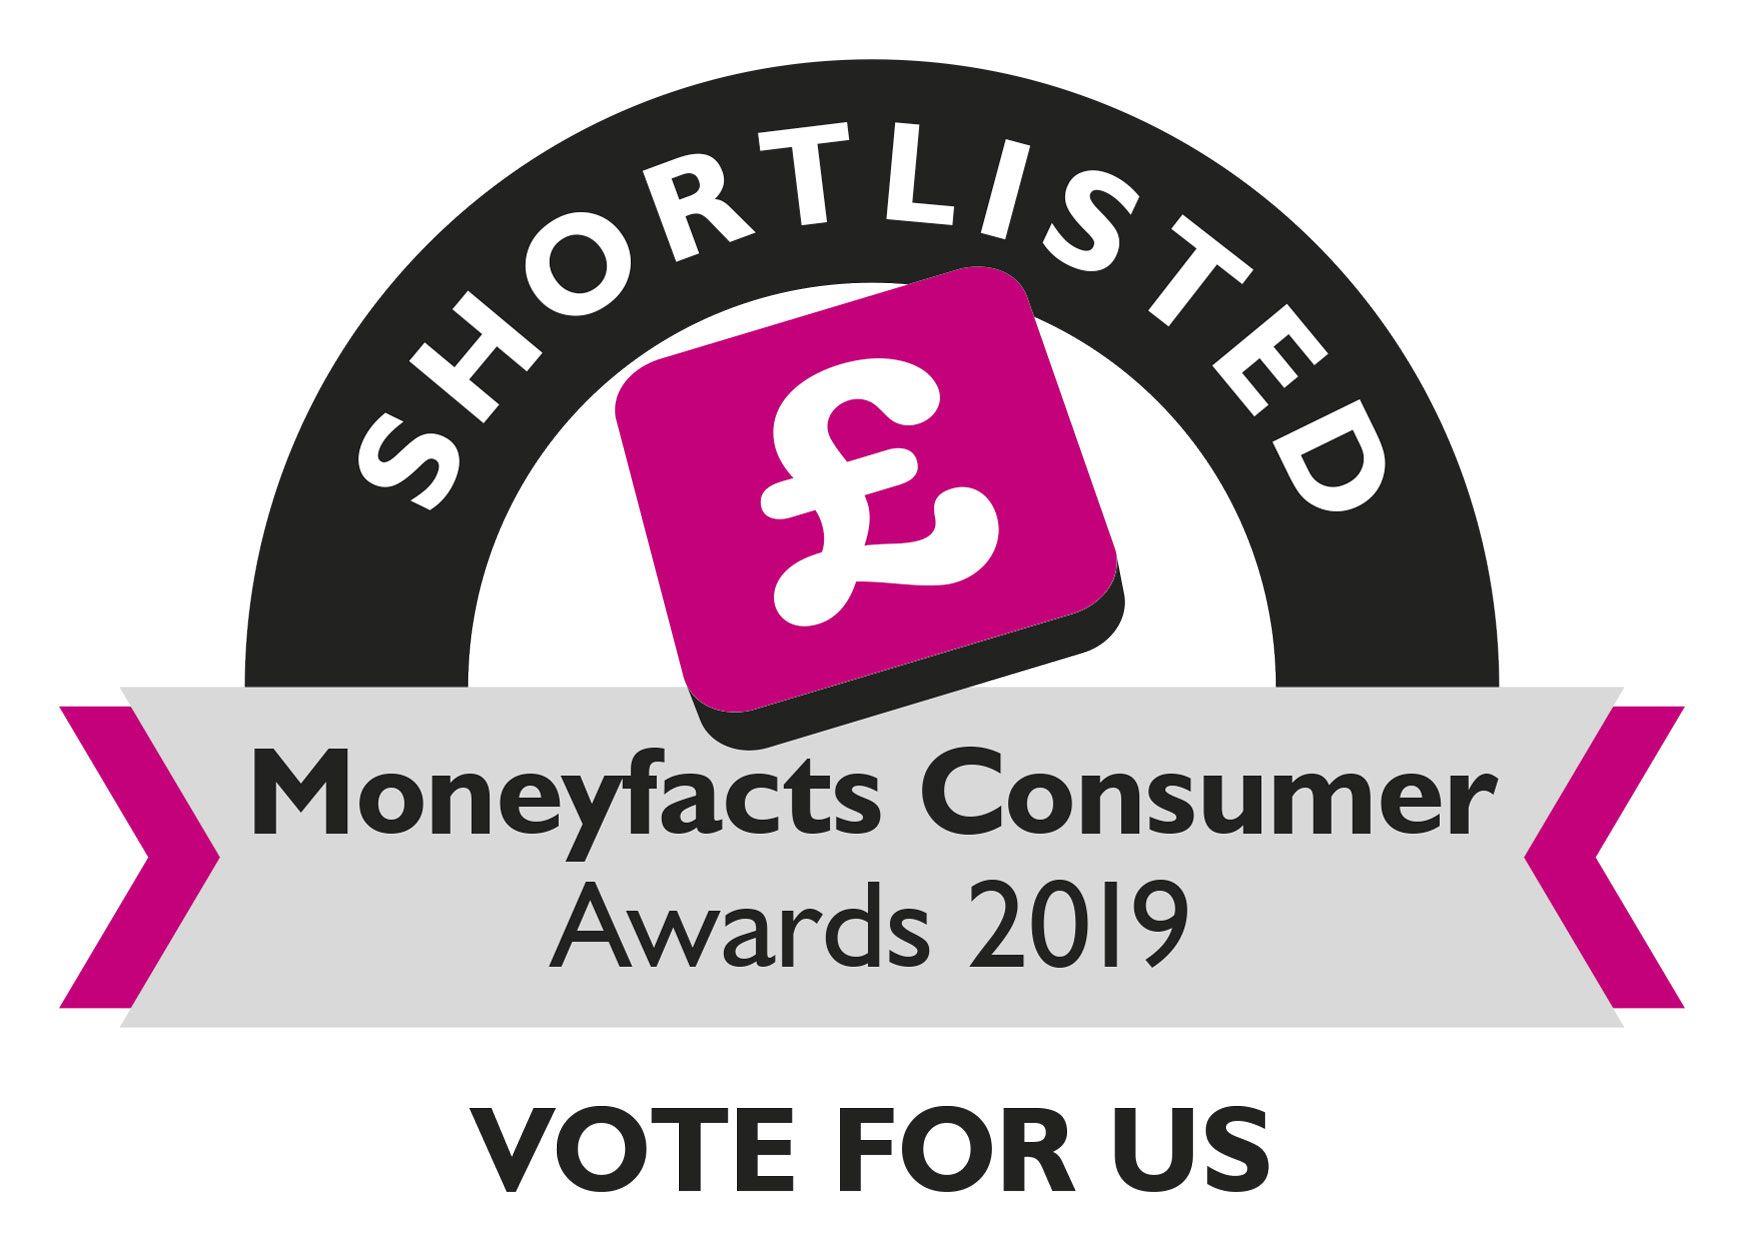 MFC19_Shortlisted-Logo_Vote-For-Us